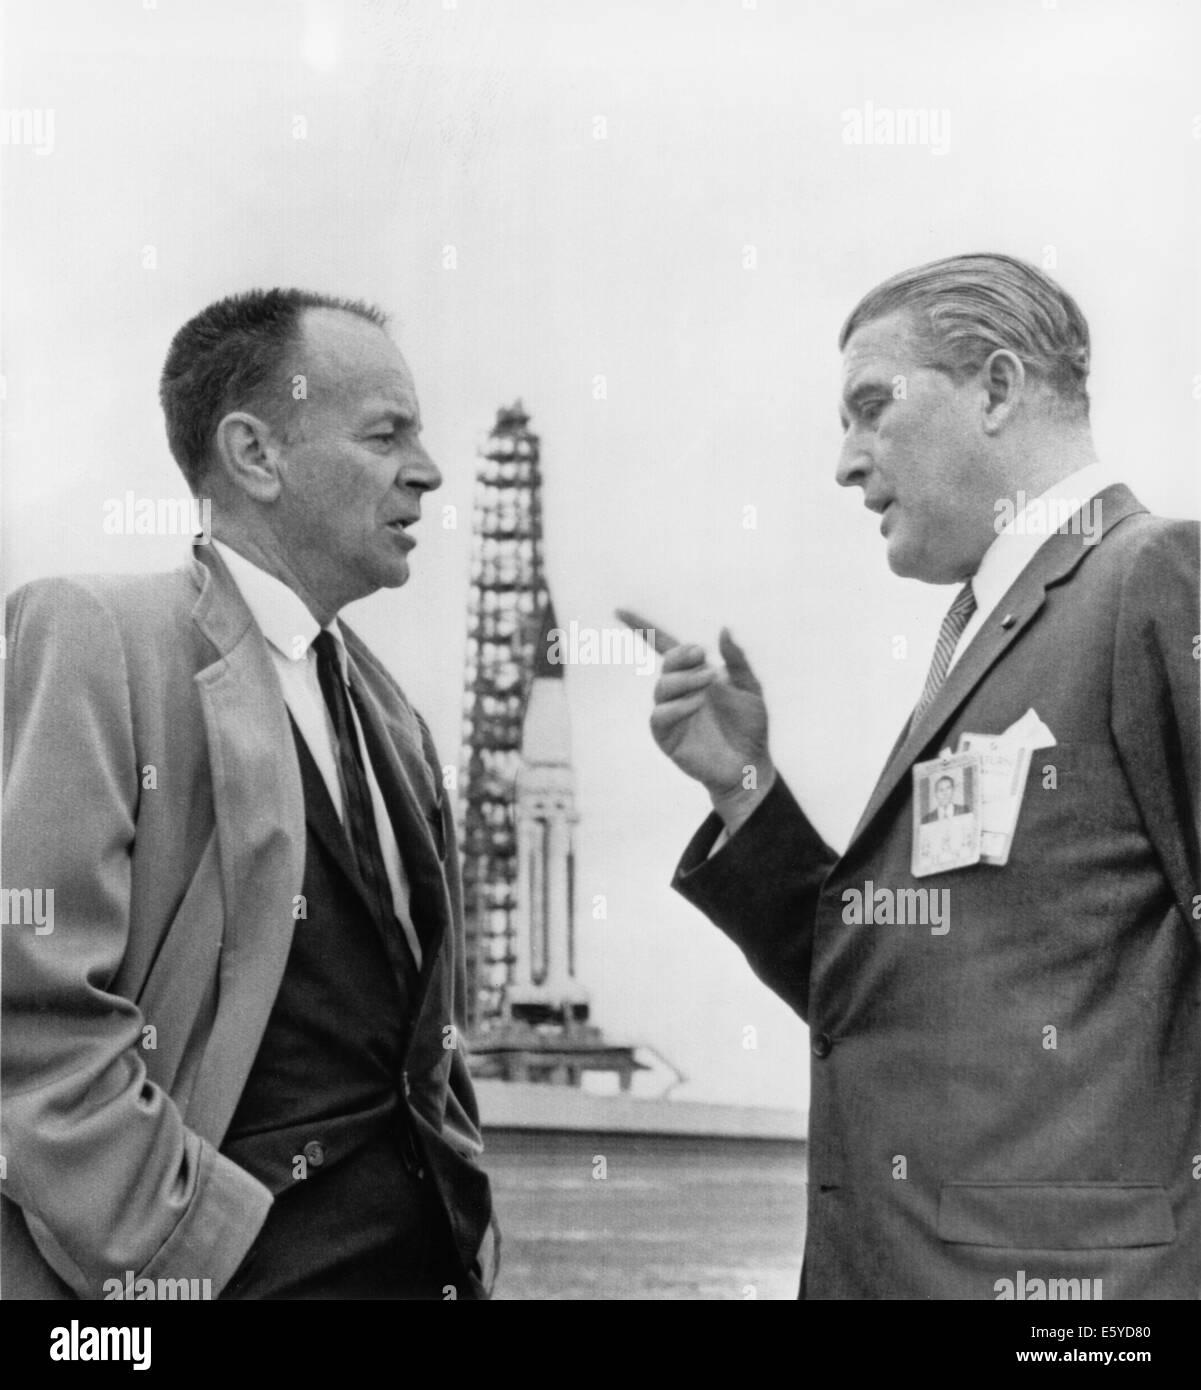 Dr. Wernher Von Braun und Harrison A. Sturm diskutieren SA-5 Saturn-Trägerrakete, Cape Kennedy, Florida, USA, 1964 Stockfoto